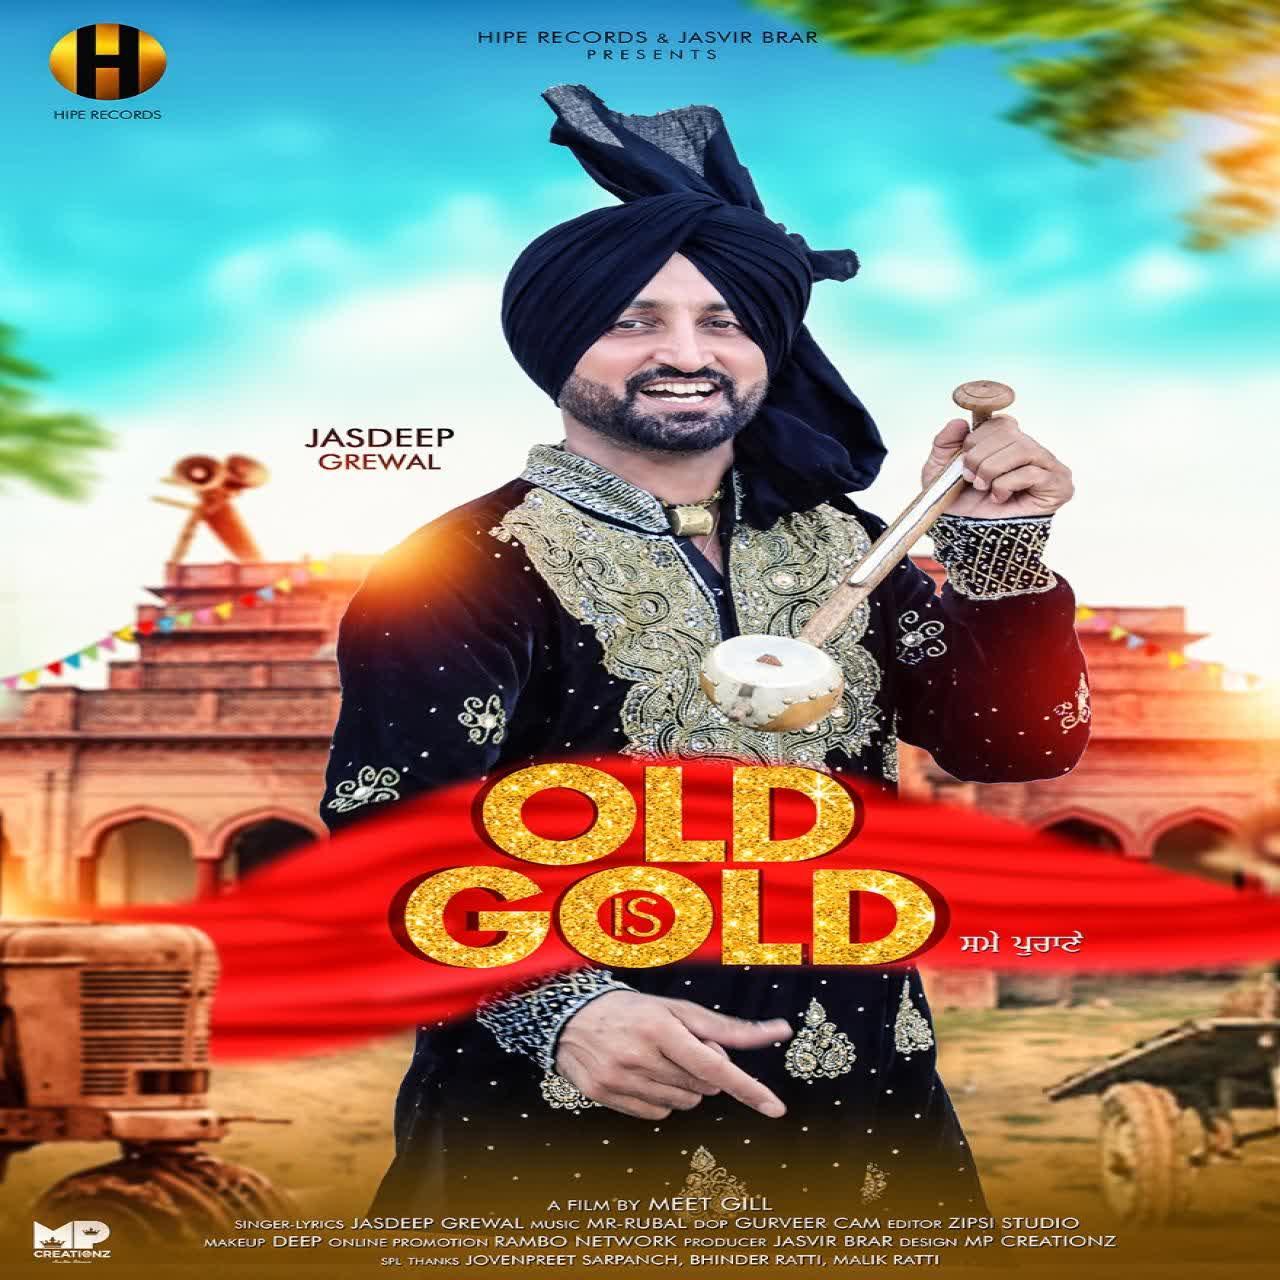 Old Is Gold Jasdeep Grewal